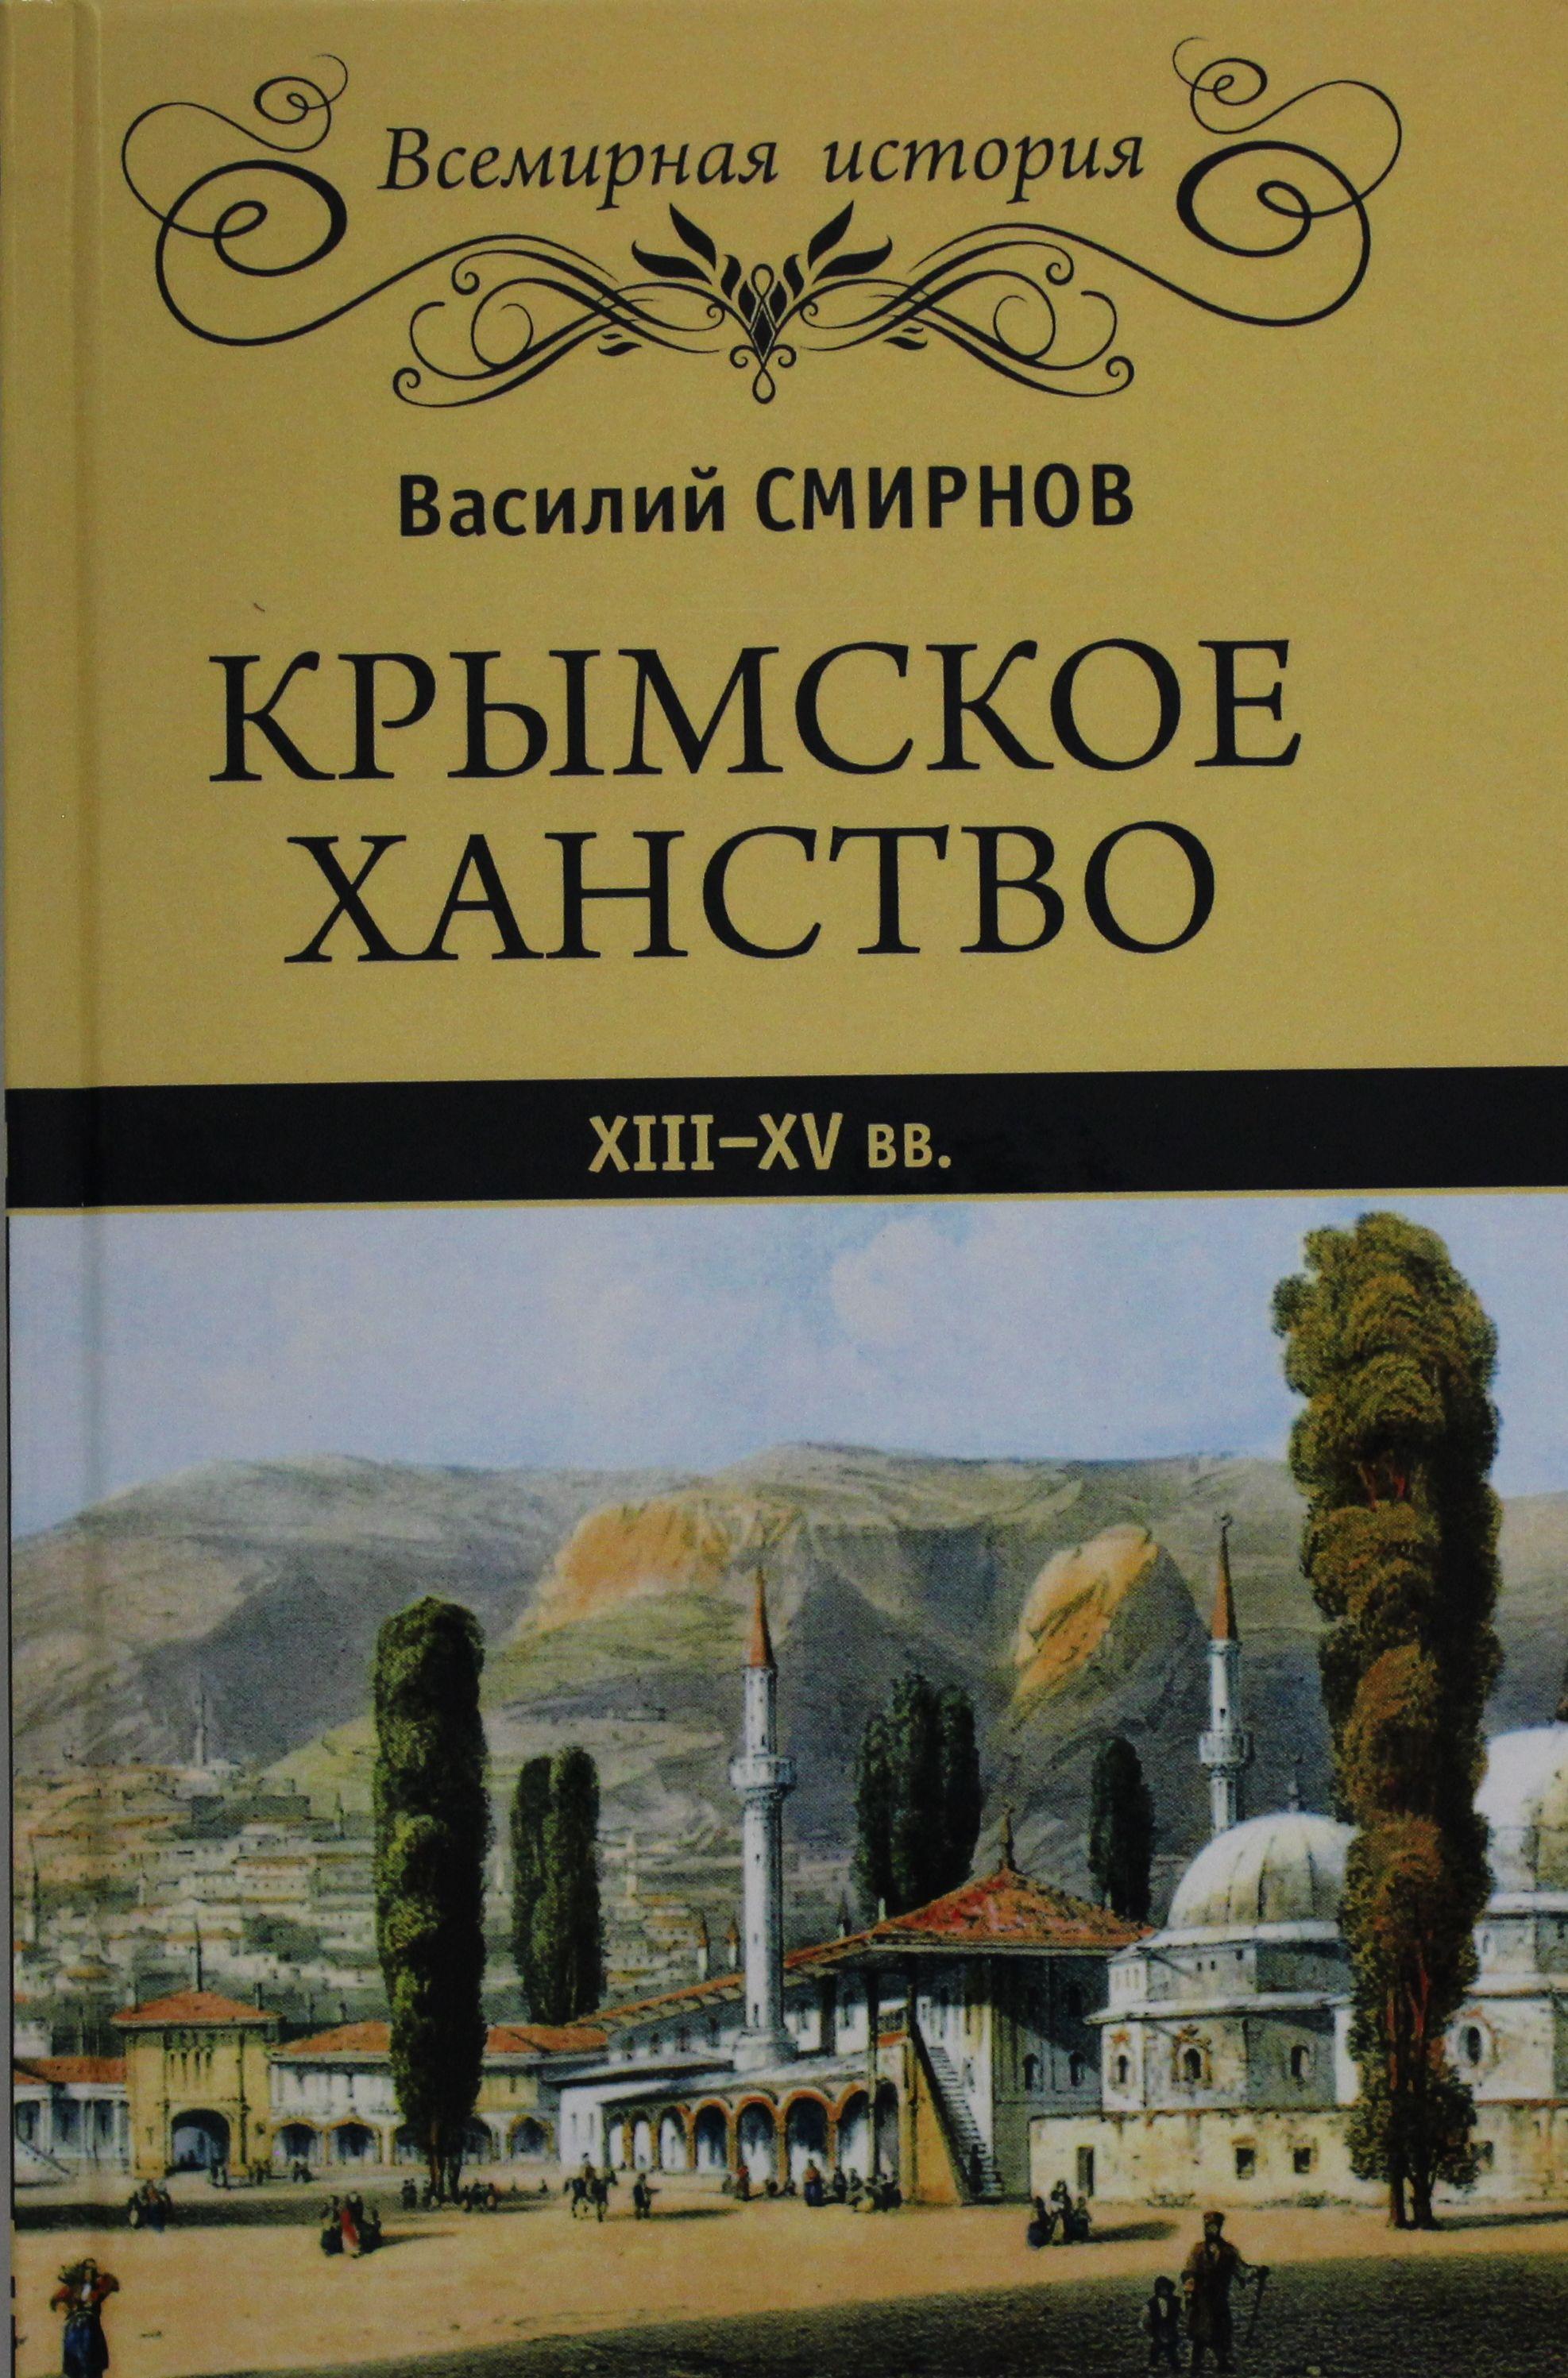 Krymskoe khanstvo XIII - XV vv.